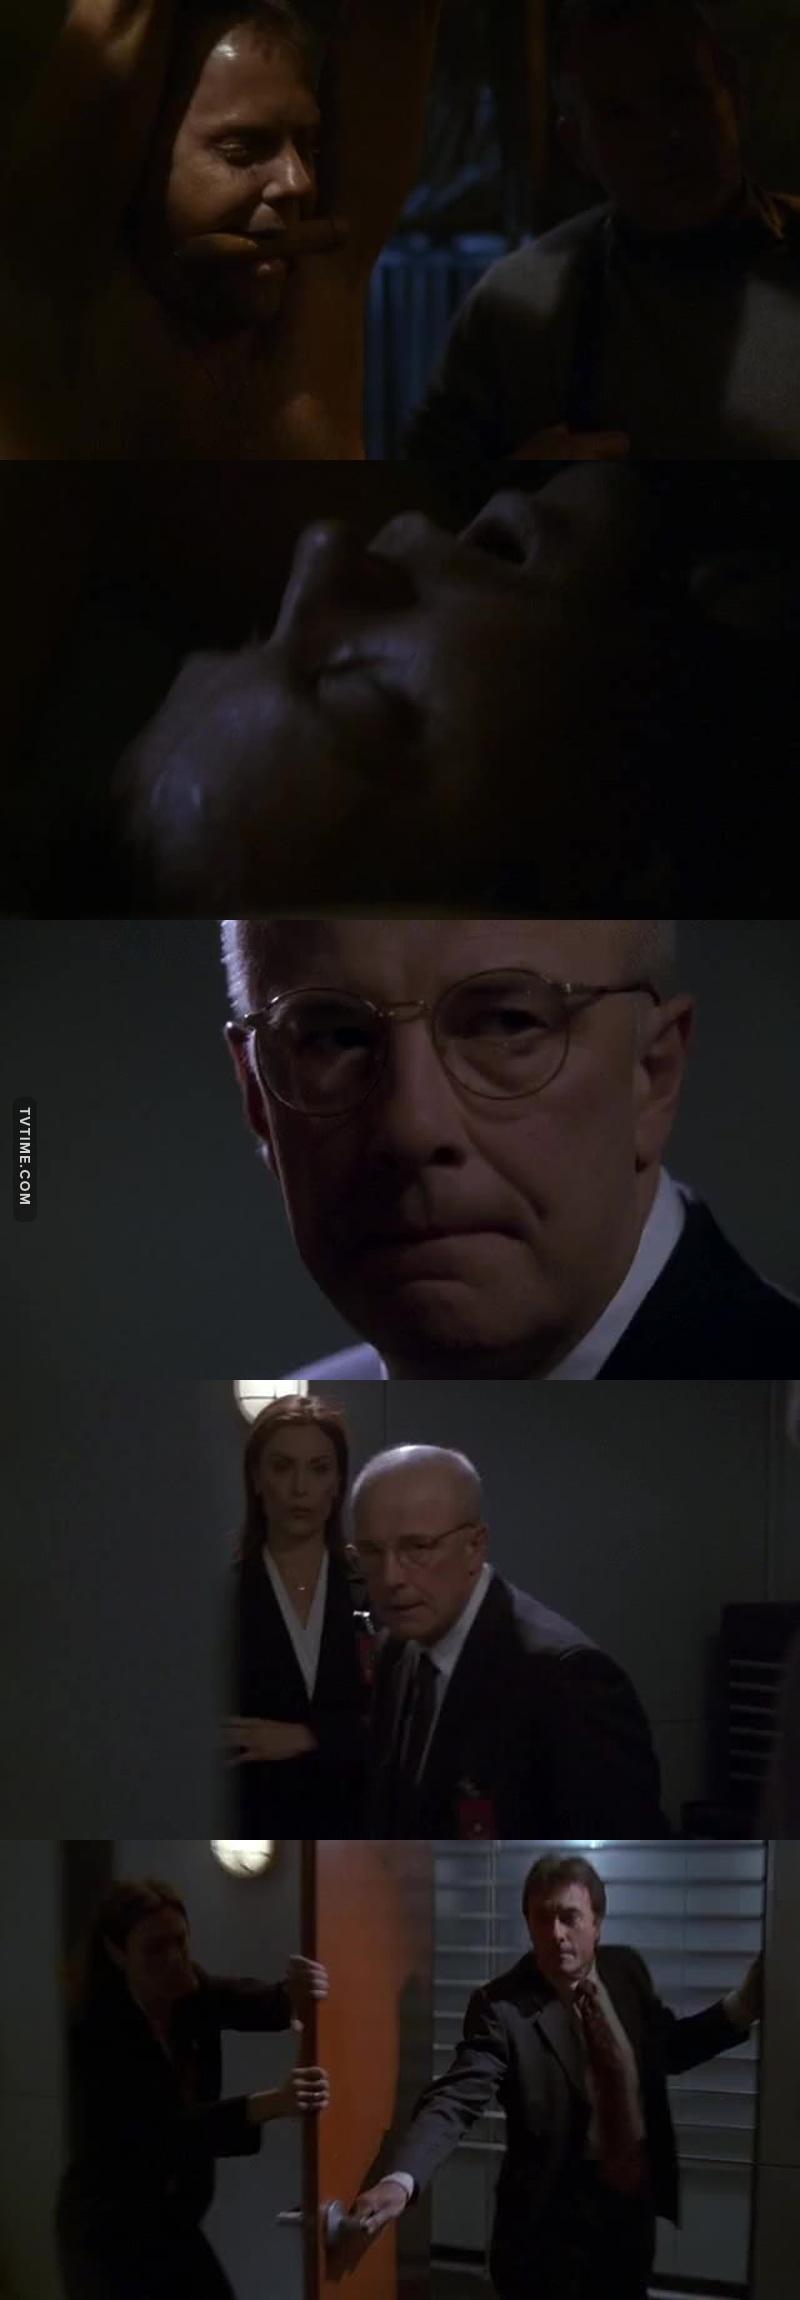 Jack est dans un salle état il va avoir du mal à s'en remettre. Et Mike est déçevant il à trhaie le présiden il devra en répondre en tant voulu.